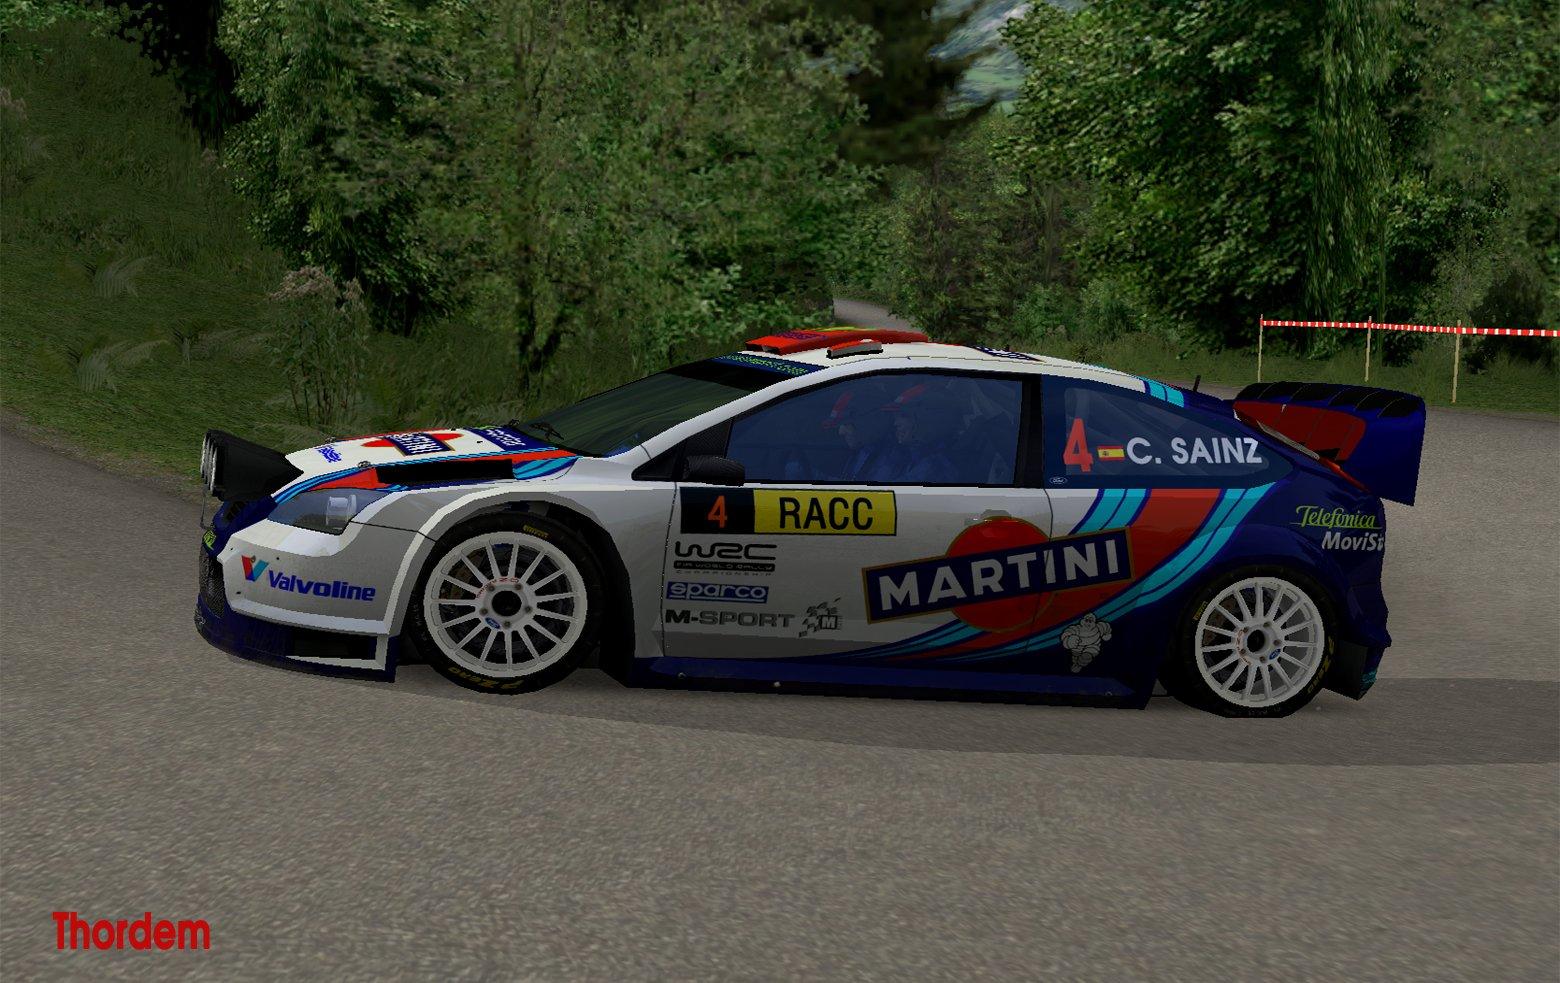 Ford Focus WRC 06 MARTINI   by Thordem 86c56fe89a3c